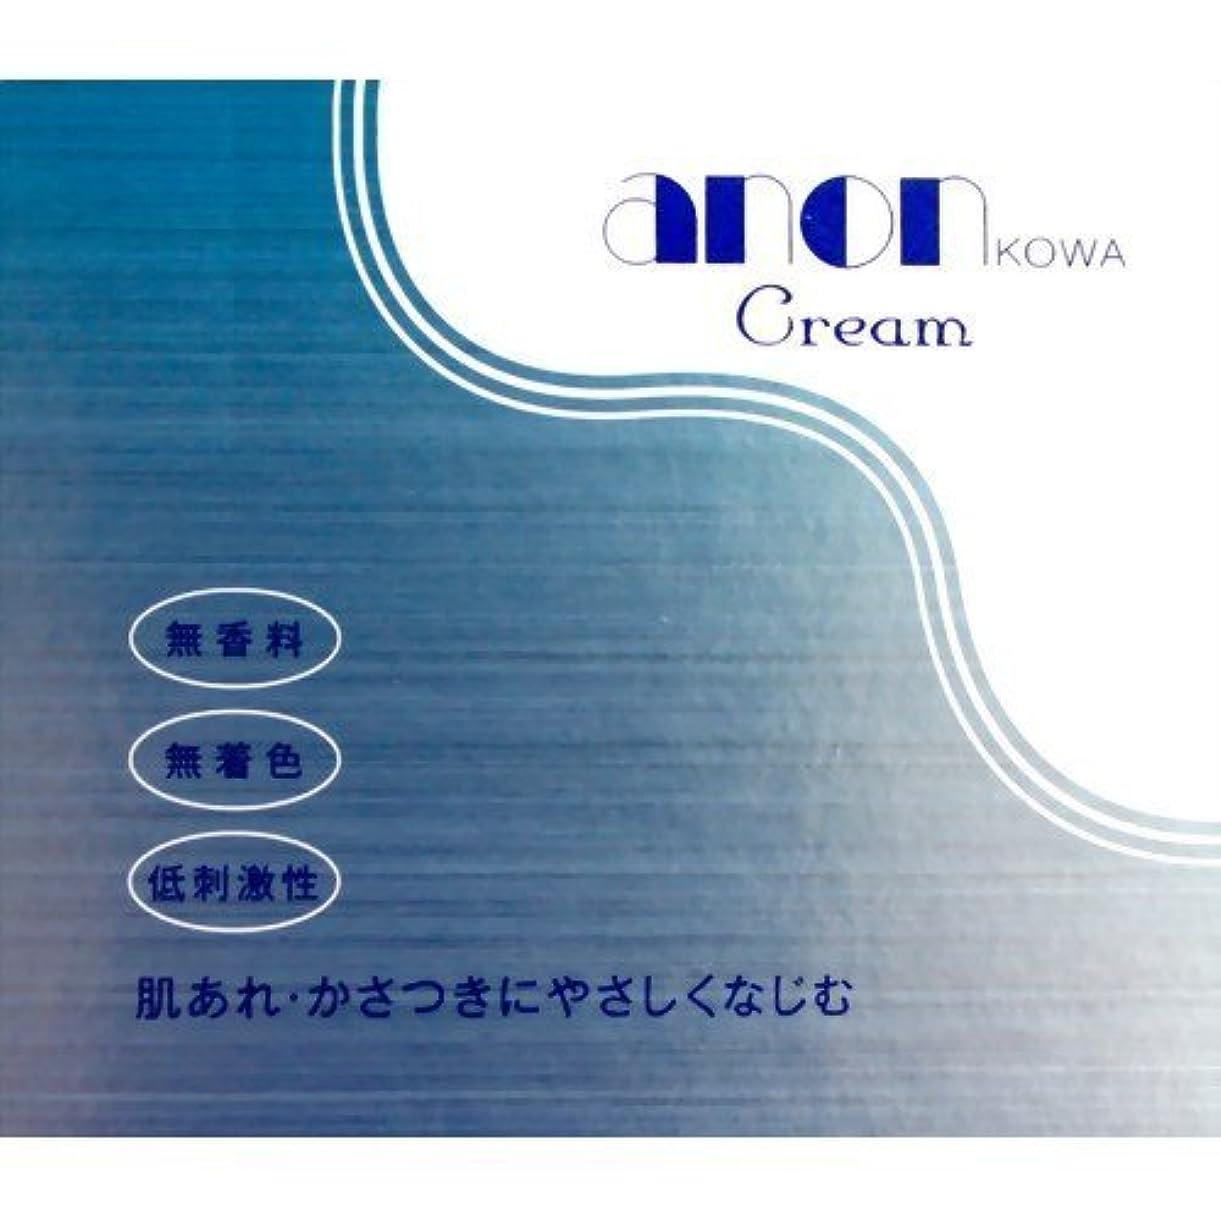 リフトバンケットカヌー興和新薬 アノンコーワクリーム160g×2 2990